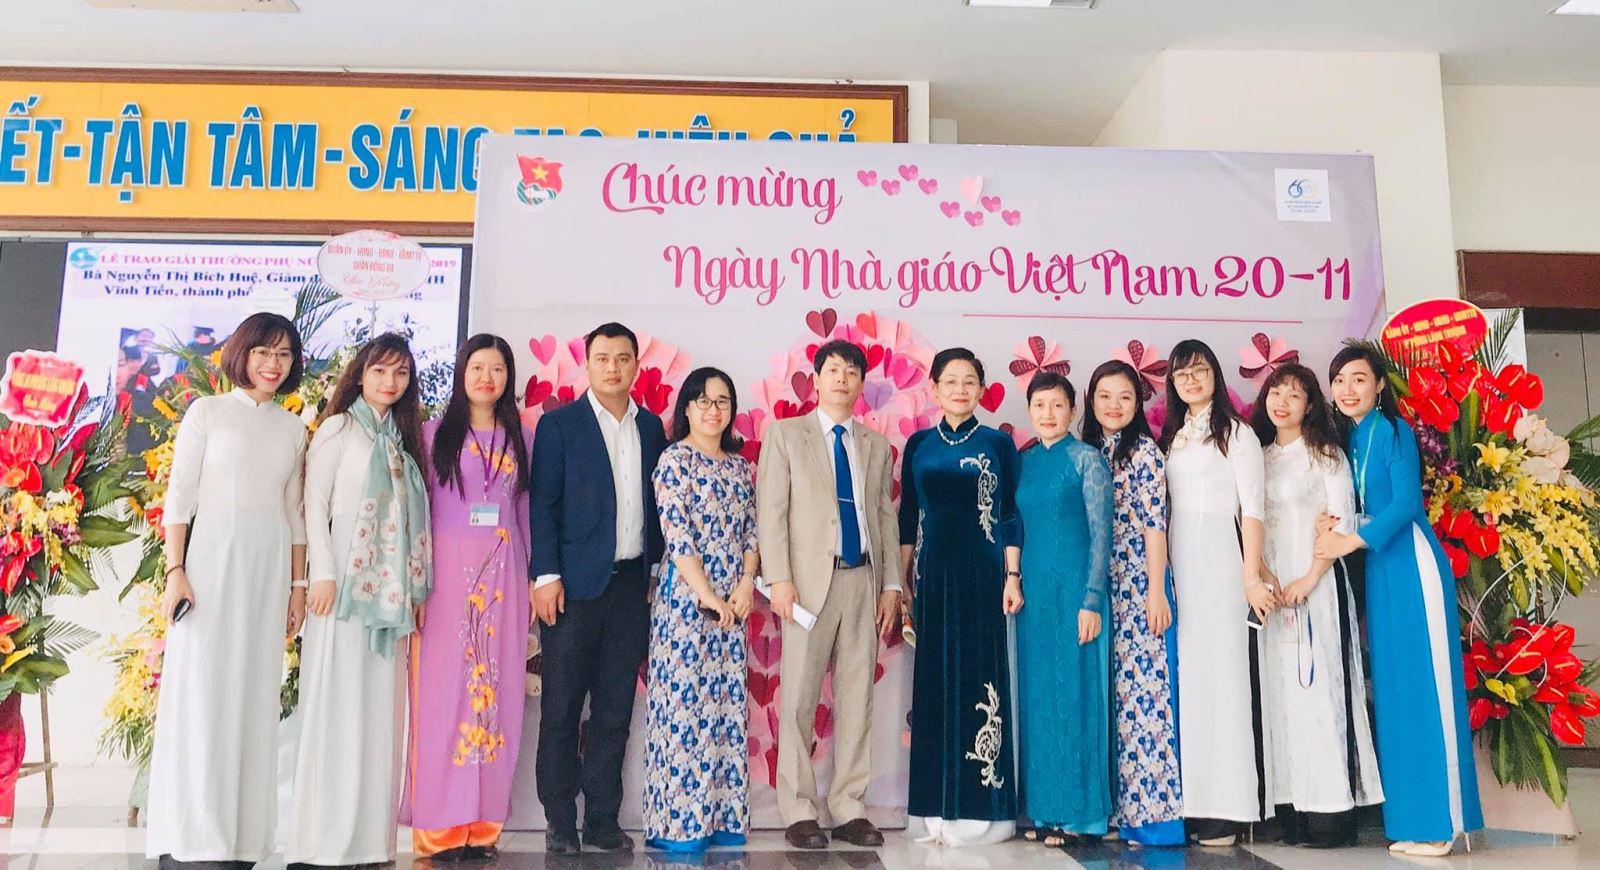 Học viện Phụ nữ Việt Nam tổ chức kỷ niệm ngày Nhà giáo Việt Nam 20/11